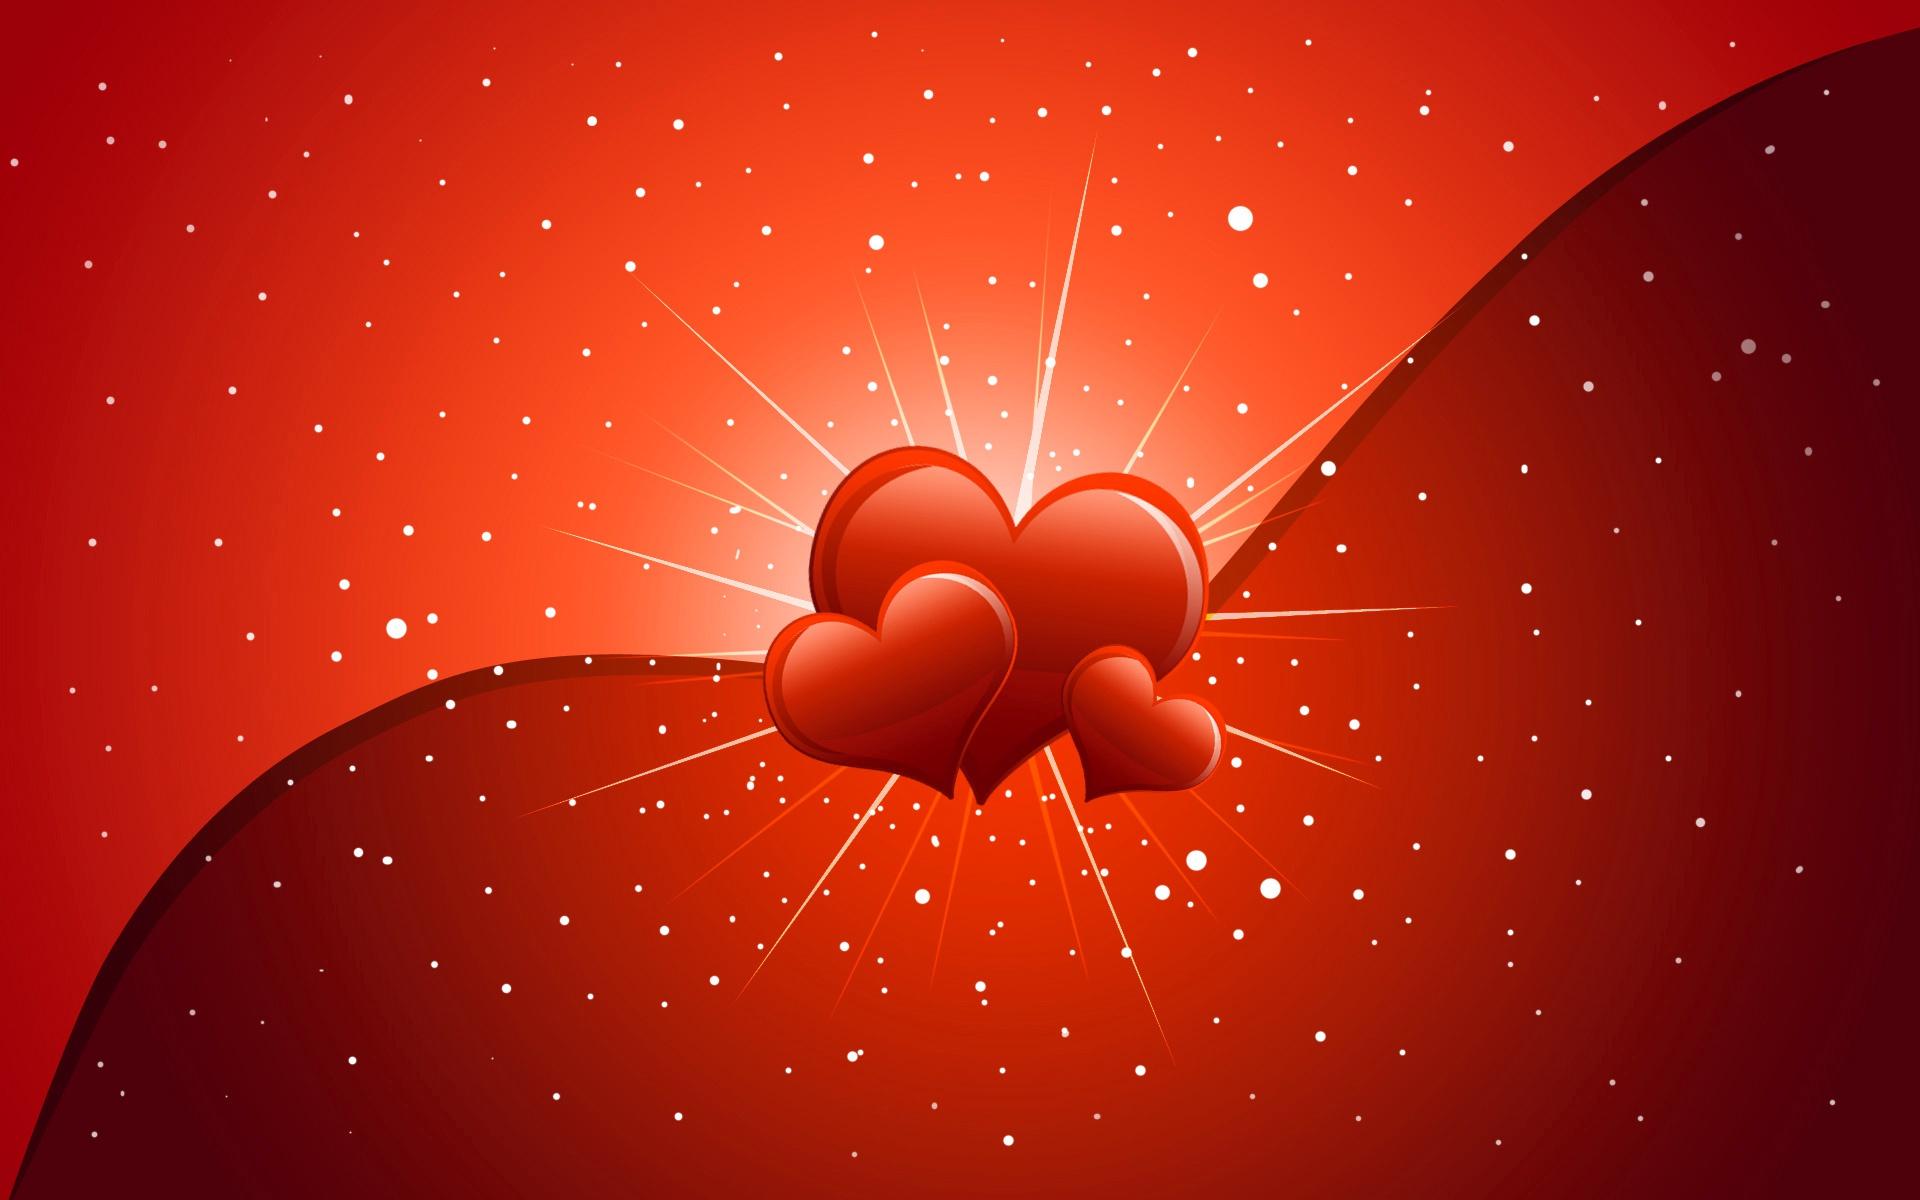 День святого валентина открытки с сердечками, открытки бумаги